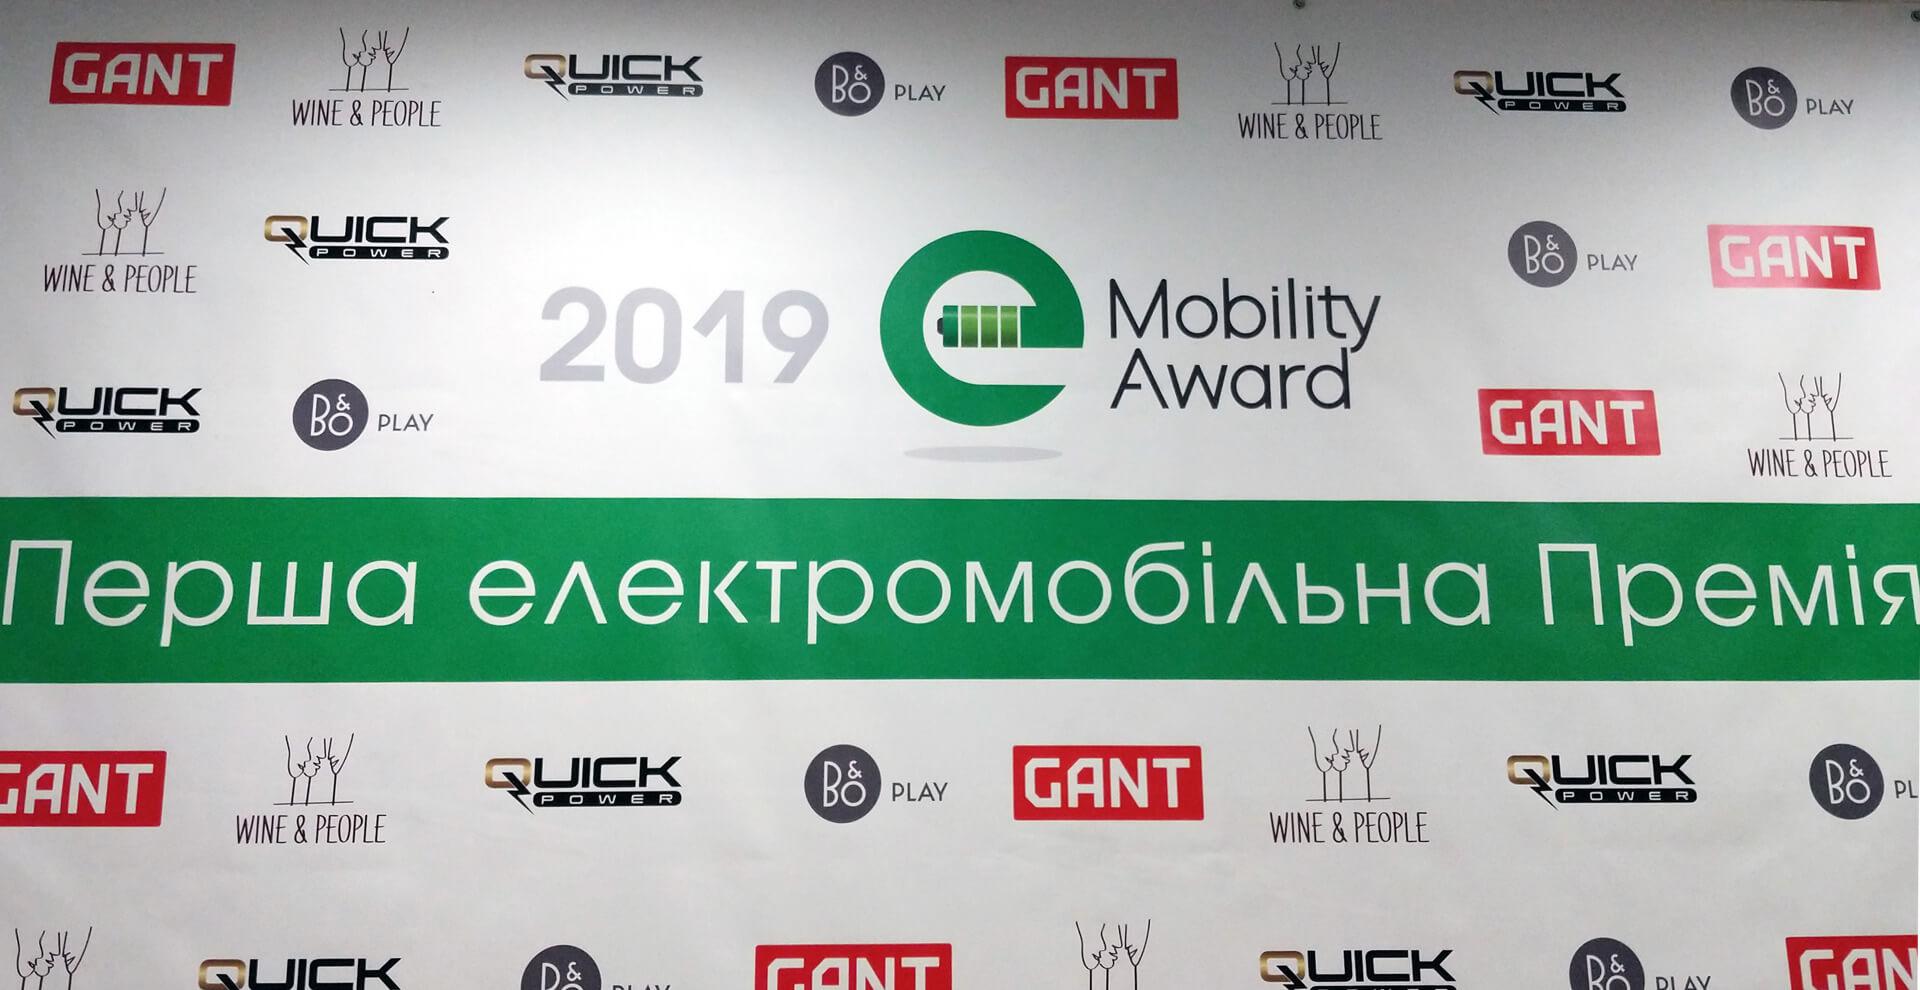 В Украине вручили первую электромобильную премию «e-Mobility Award»